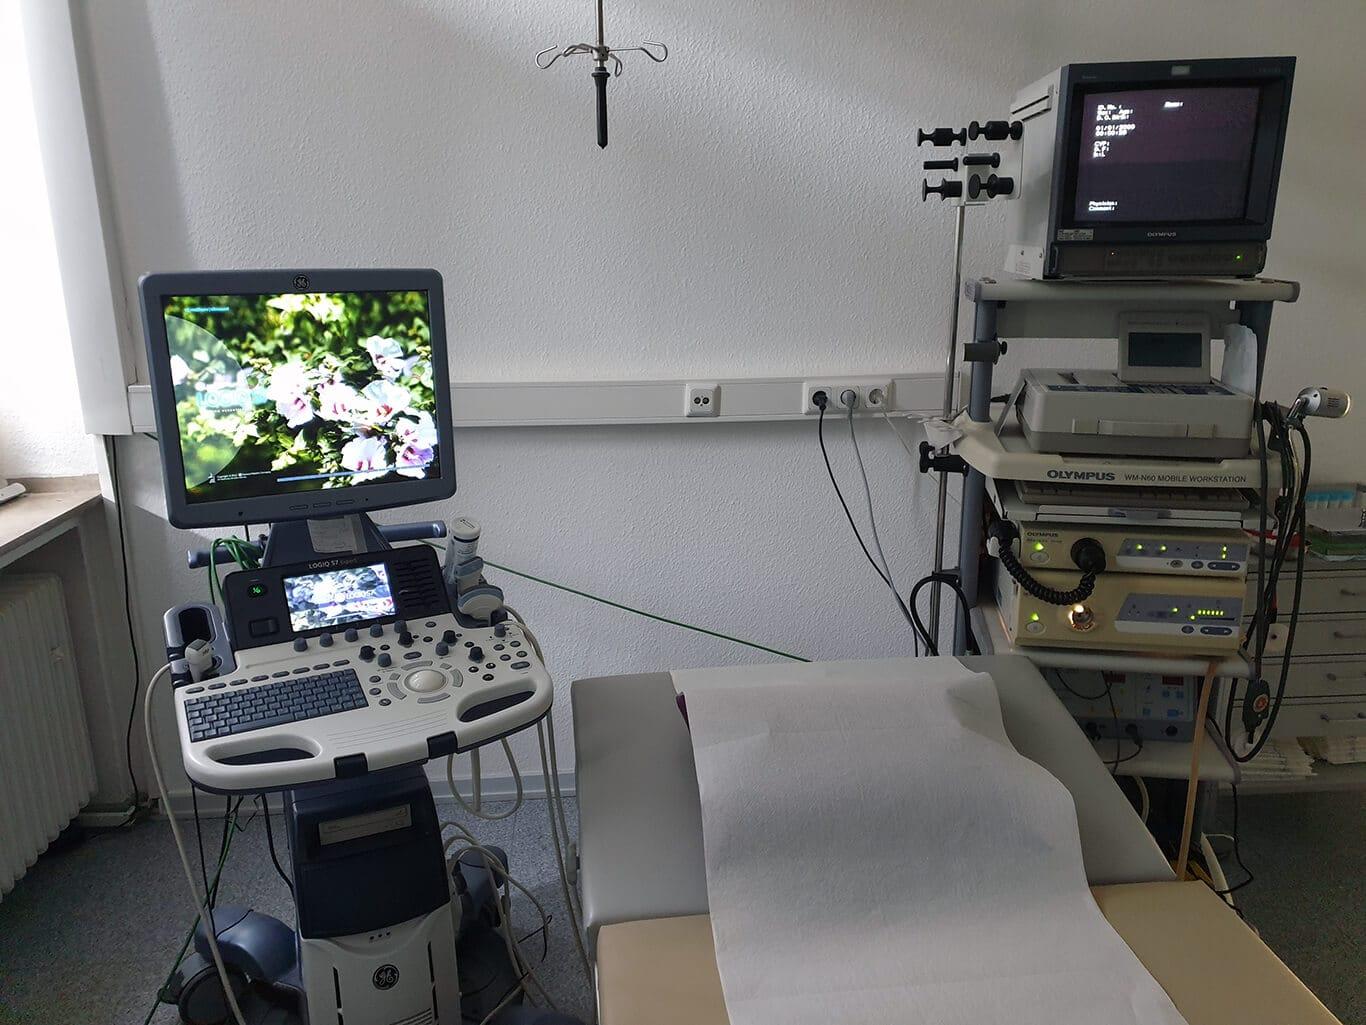 Sonographiegerät für Ultraschalluntersuchungen